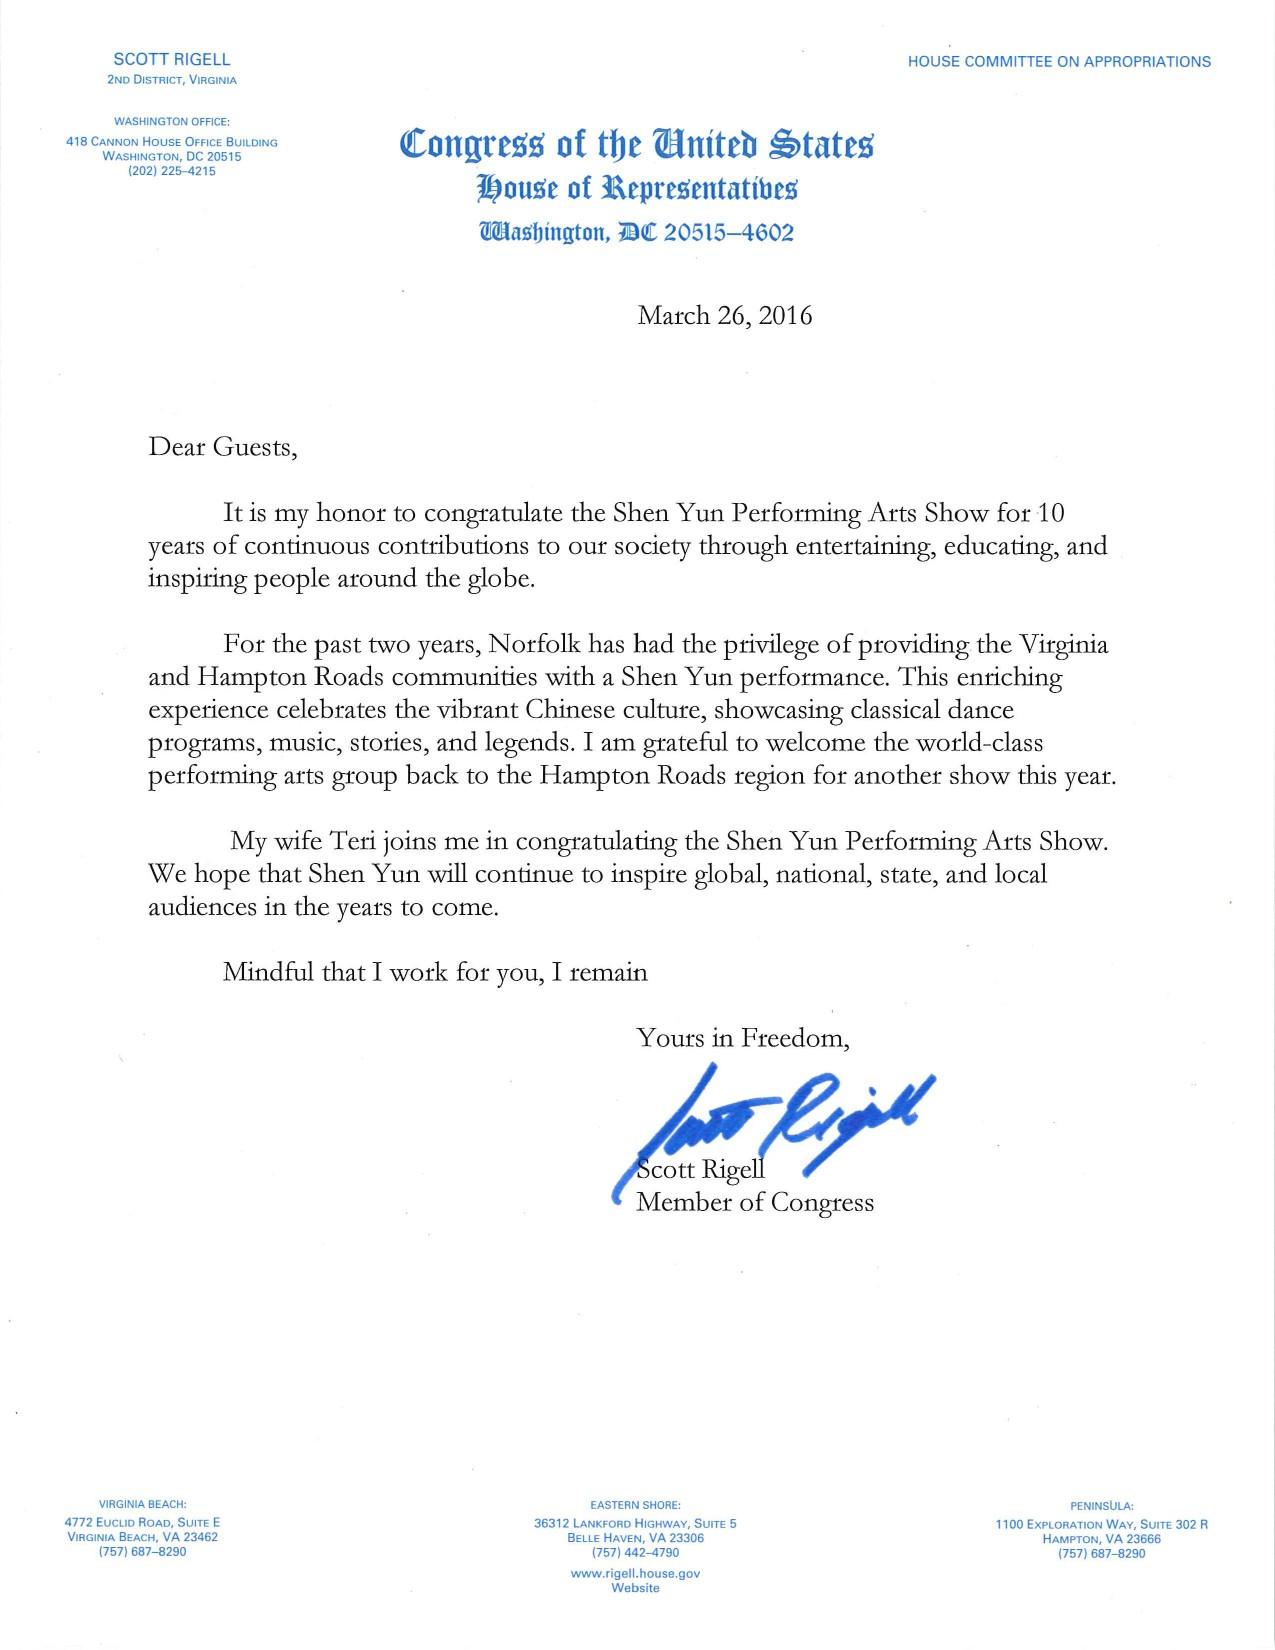 美国会众议员斯科特‧里热尔(Scott Rigell)向神韵发来贺信。(大纪元资料室)